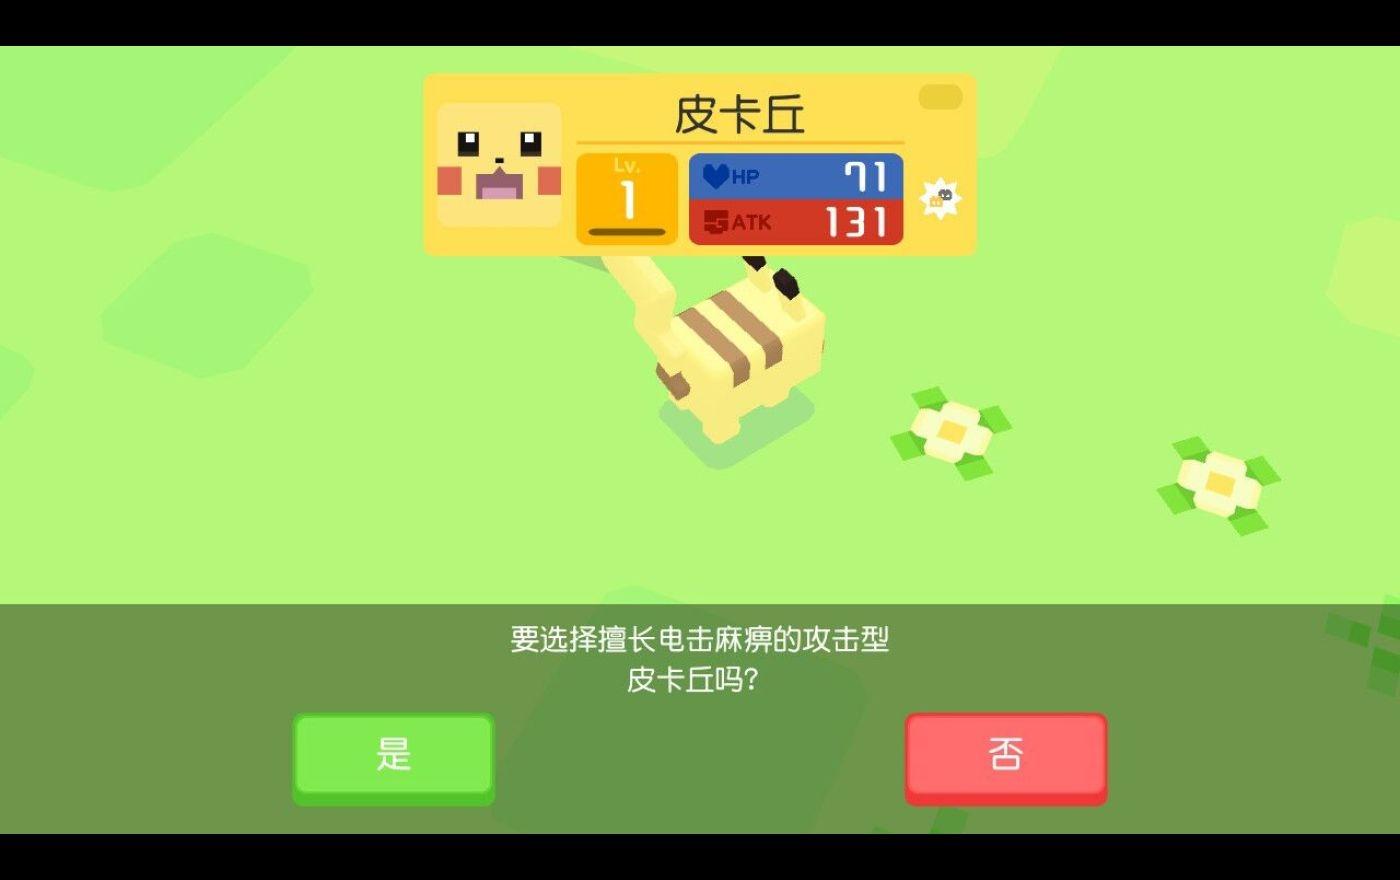 宝可梦探险寻宝官方安卓游戏下载v1.0.4截图2